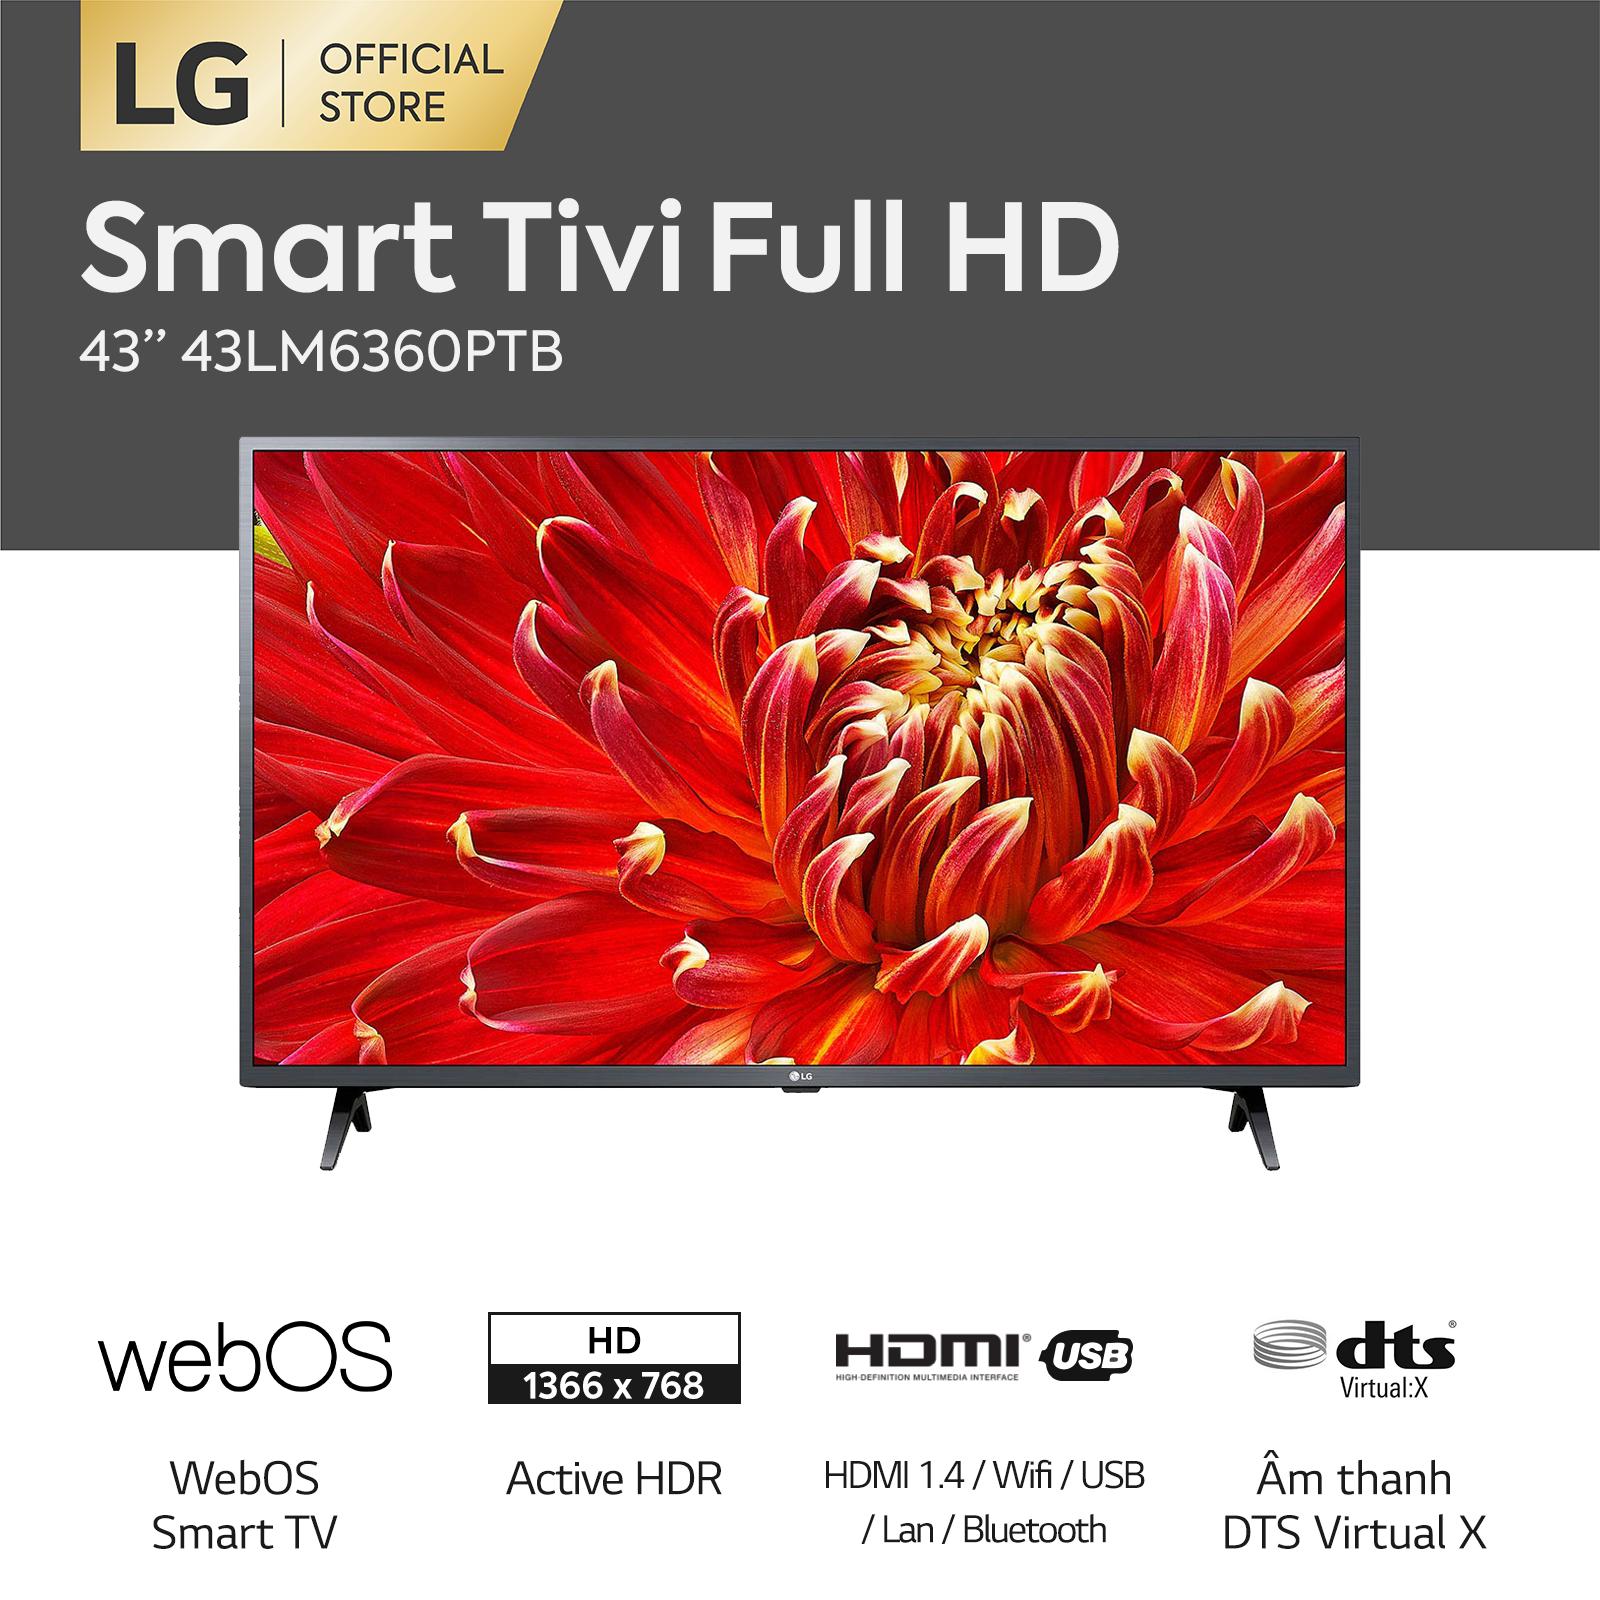 [ VOUCHER 850K] [FREESHIP 500K TOÀN QUỐC] Smart TV LG 43 inch Full HD 43LM6360PTB Model 2021 – Hãng phân phối chính thức